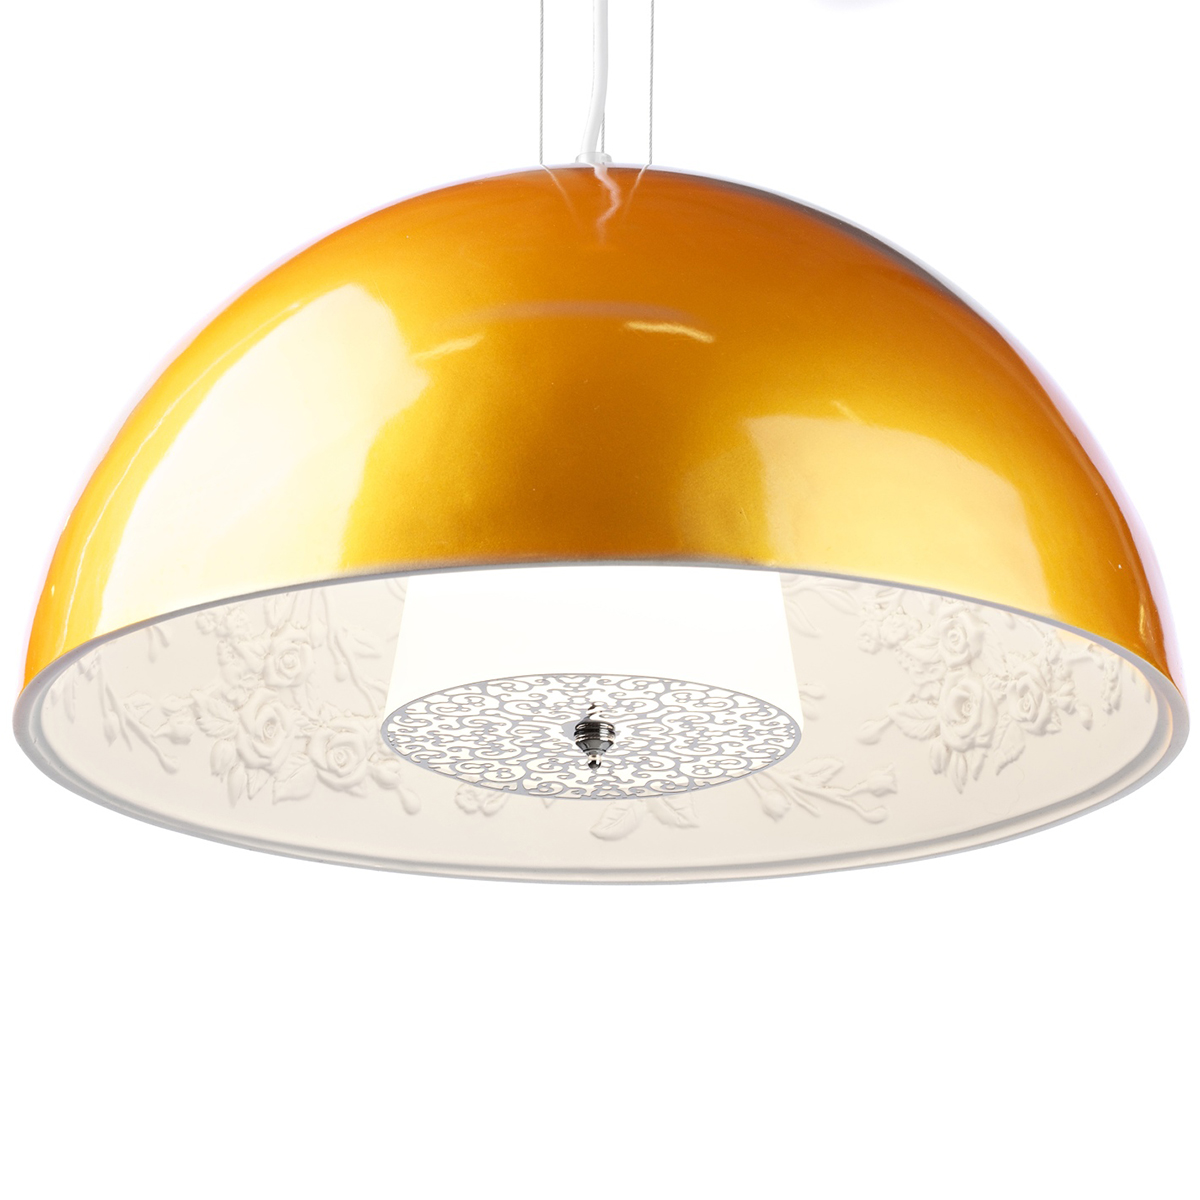 Подвесной светильник SkyGarden Flos D40 goldПодвесные светильники<br>Оригинальная подвесная лампа SkyGarden — это <br>уникальный в своем роде предмет декора, <br>который наполнит ваш дом роскошью, грациозностью <br>и элегантностью. С виду простой и гладкий <br>плафон из полимерной смолы украшен, однако, <br>очаровательной лепкой внутри, что делает <br>аксессуар уникальным. Лампа подарит помещению <br>мягкий непринужденный свет, а также уют <br>и комфорт. SkyGarden или Небесный сад — именно <br>так переводится название светильника — <br>обязательно будет радовать вас своим освещением <br>и эстетическим видом. Подарите себе кусочек <br>райского сада с подвесной лампой SKYGARDEN!<br><br>Цвет: Золото<br>Материал: Полимерная смола, Гипс<br>Вес кг: 5<br>Длина см: 40<br>Ширина см: 40<br>Высота см: 20